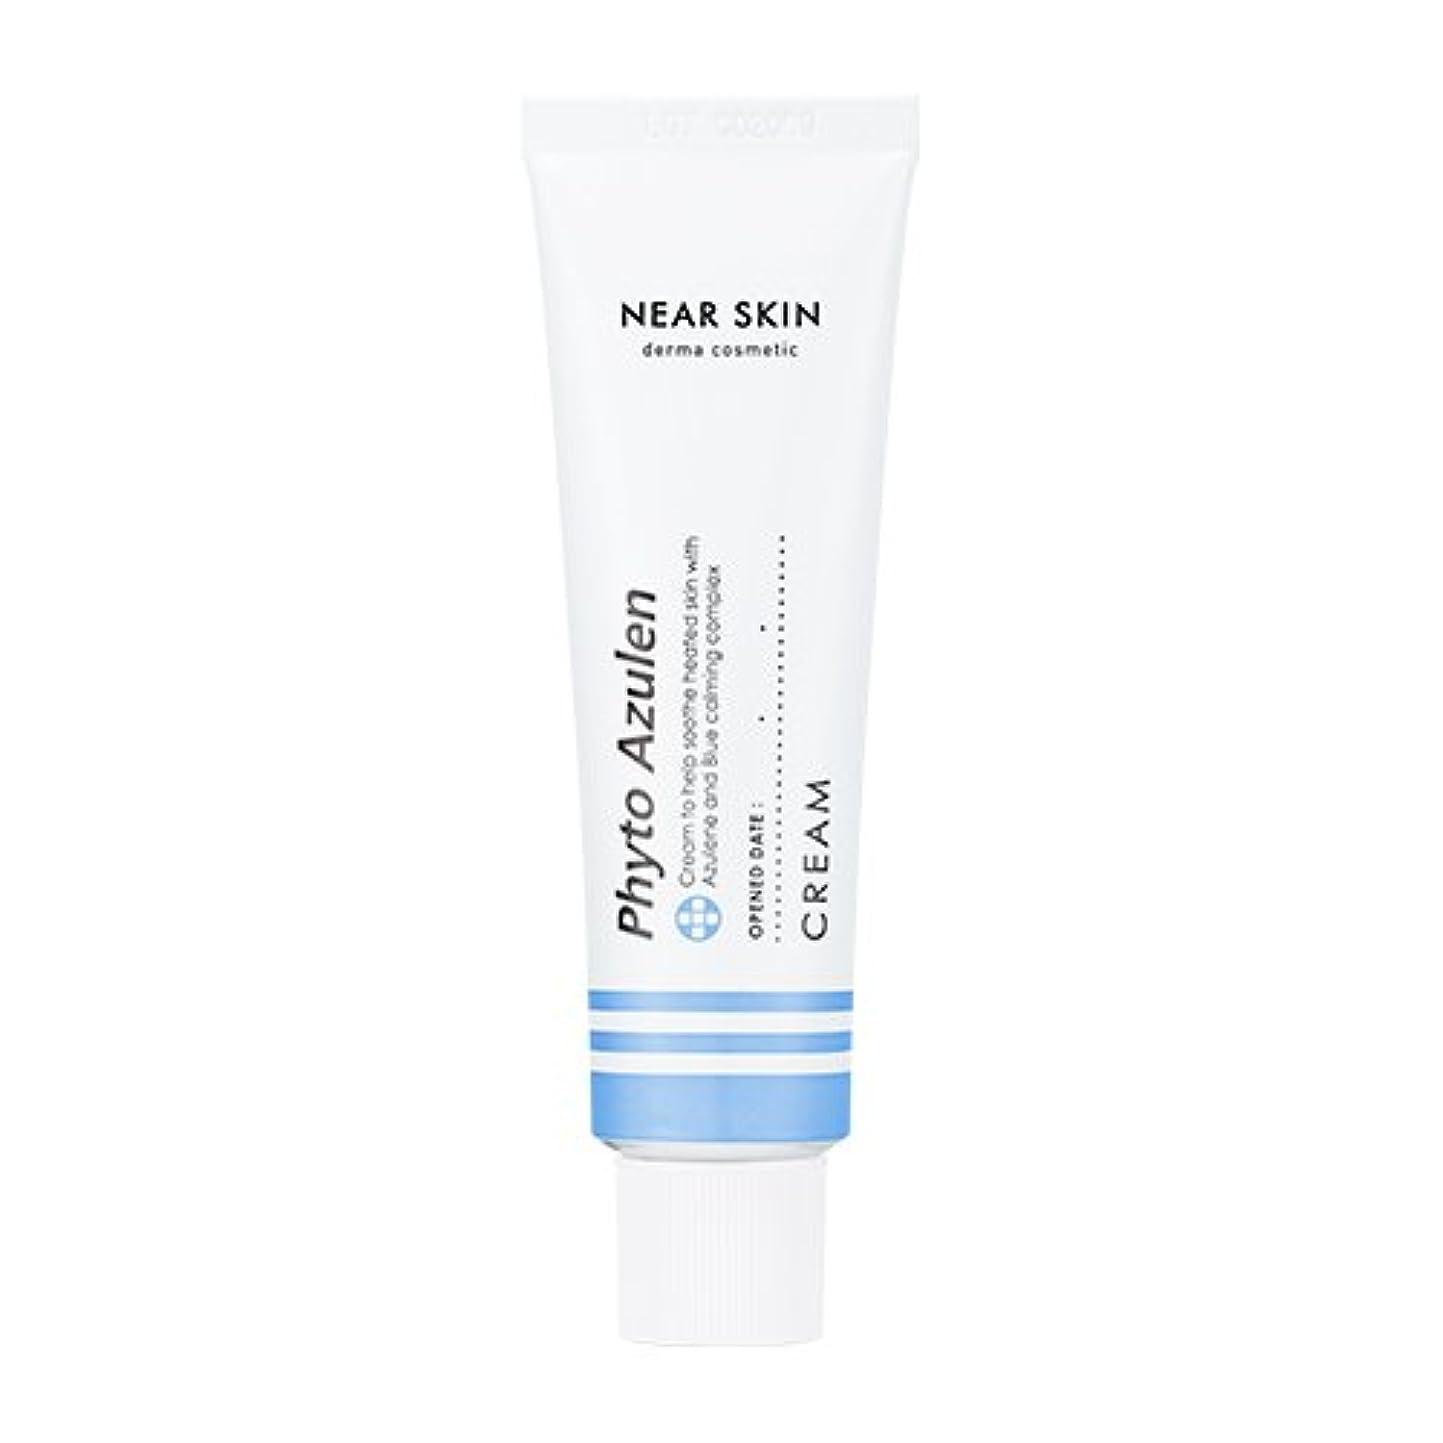 ベース狭い封建MISSHA [NEAR SKIN] Phyto Azulen Cream/ミシャ ニアスキン フィトアズレンクリーム 50ml [並行輸入品]